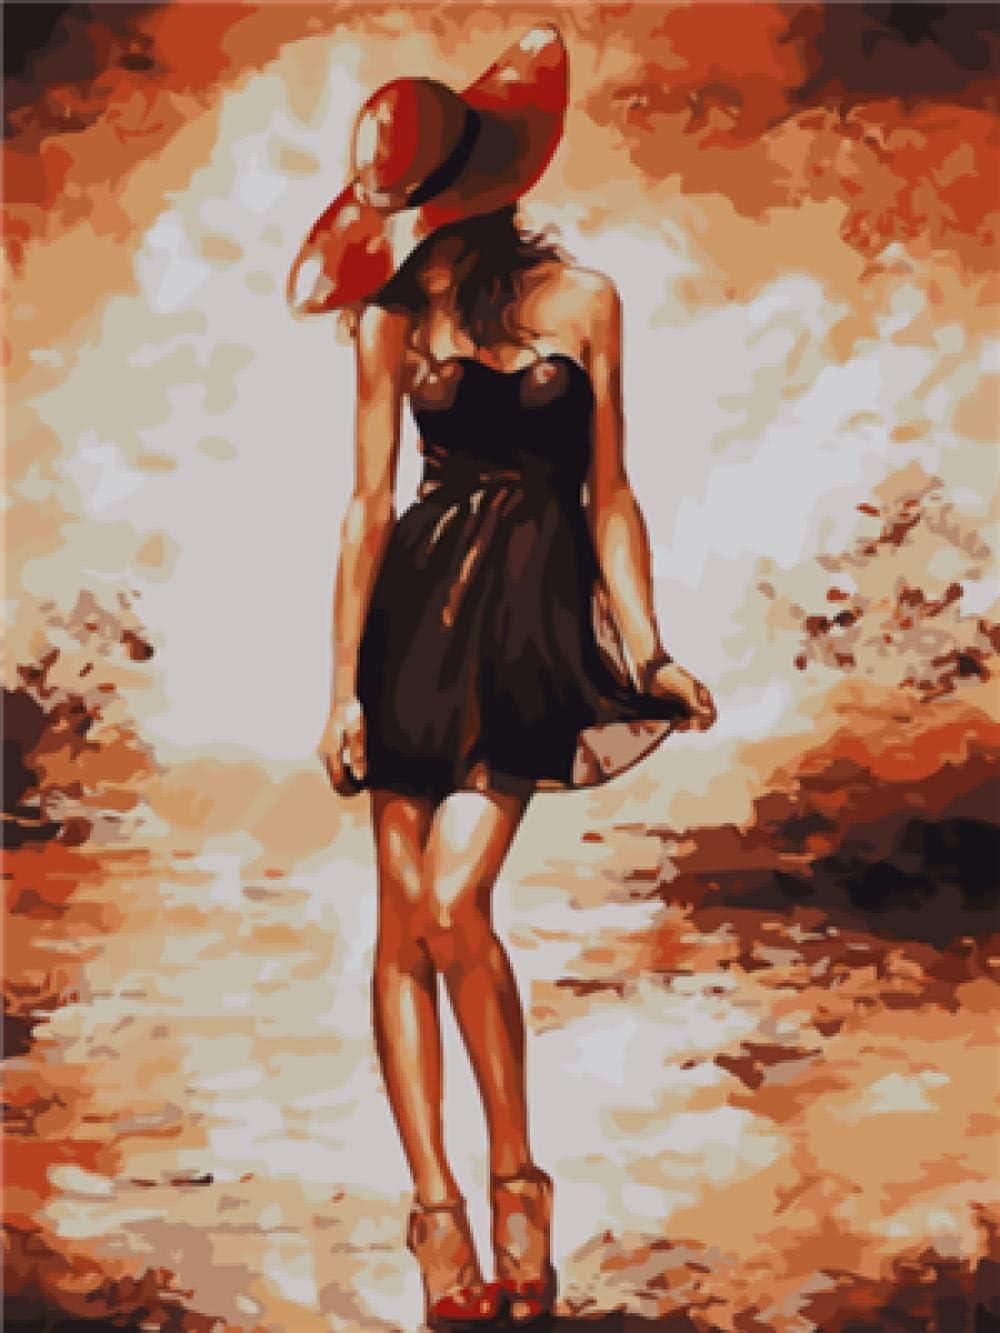 Pintura Al Óleo Digital Diy - Pintura Por Números Vestido Negro Mujer Pintura Acrílica Niños Adultos Regalo De Navidad Sin Marco 40x50cm